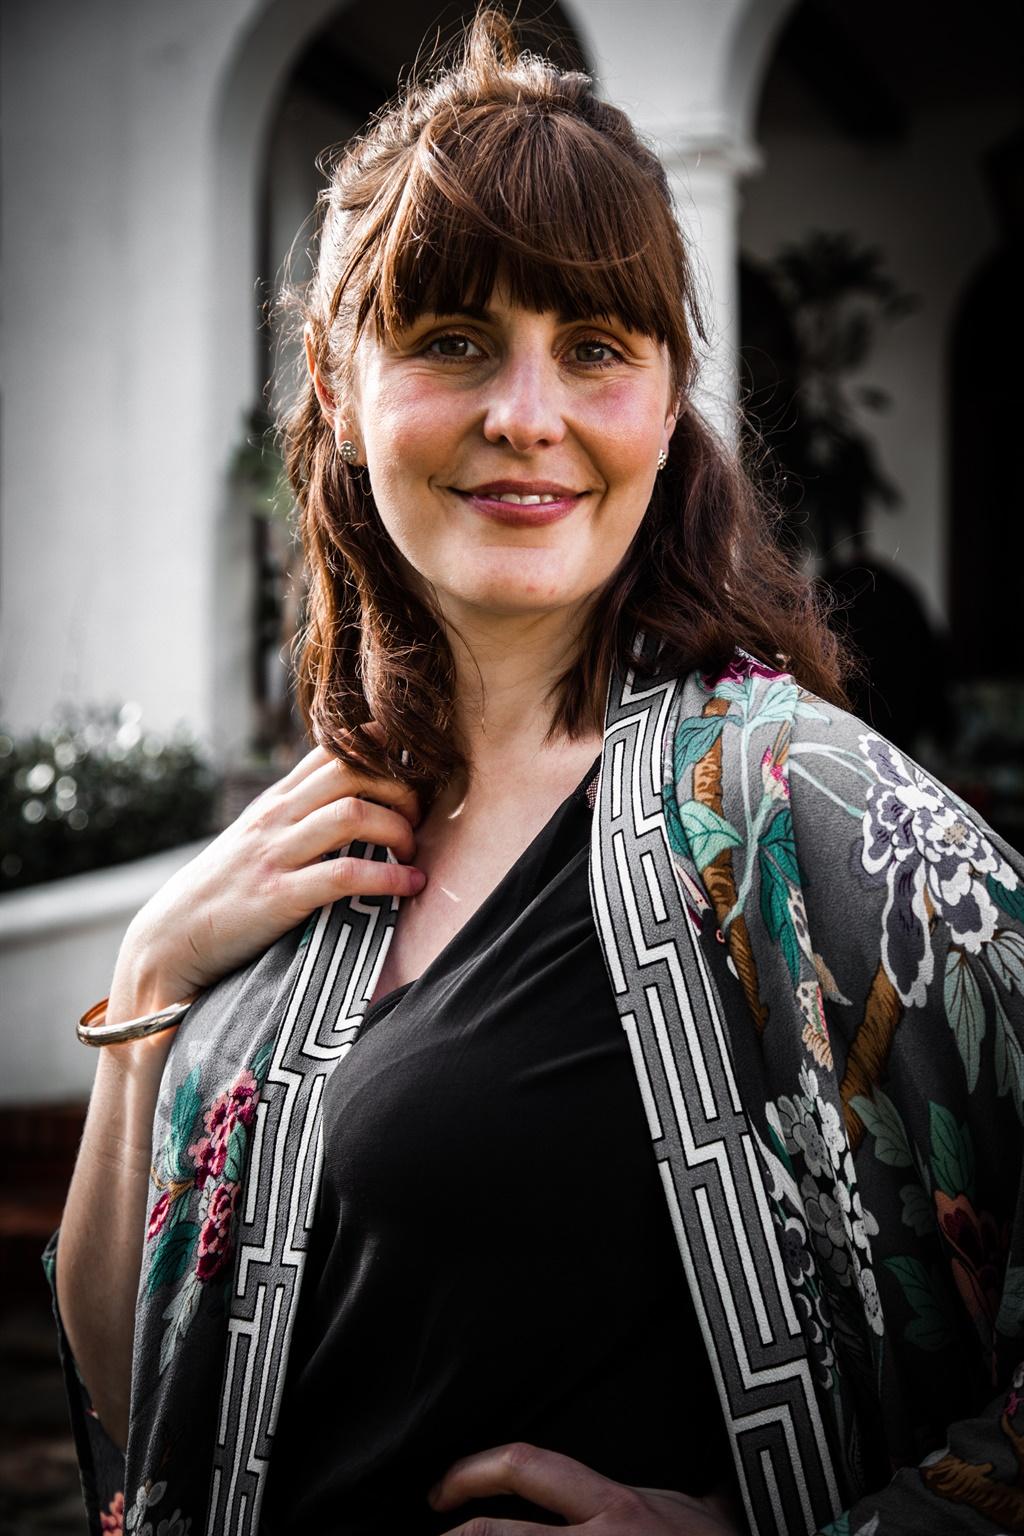 Roeline Daneel as Mitzi Schoeman